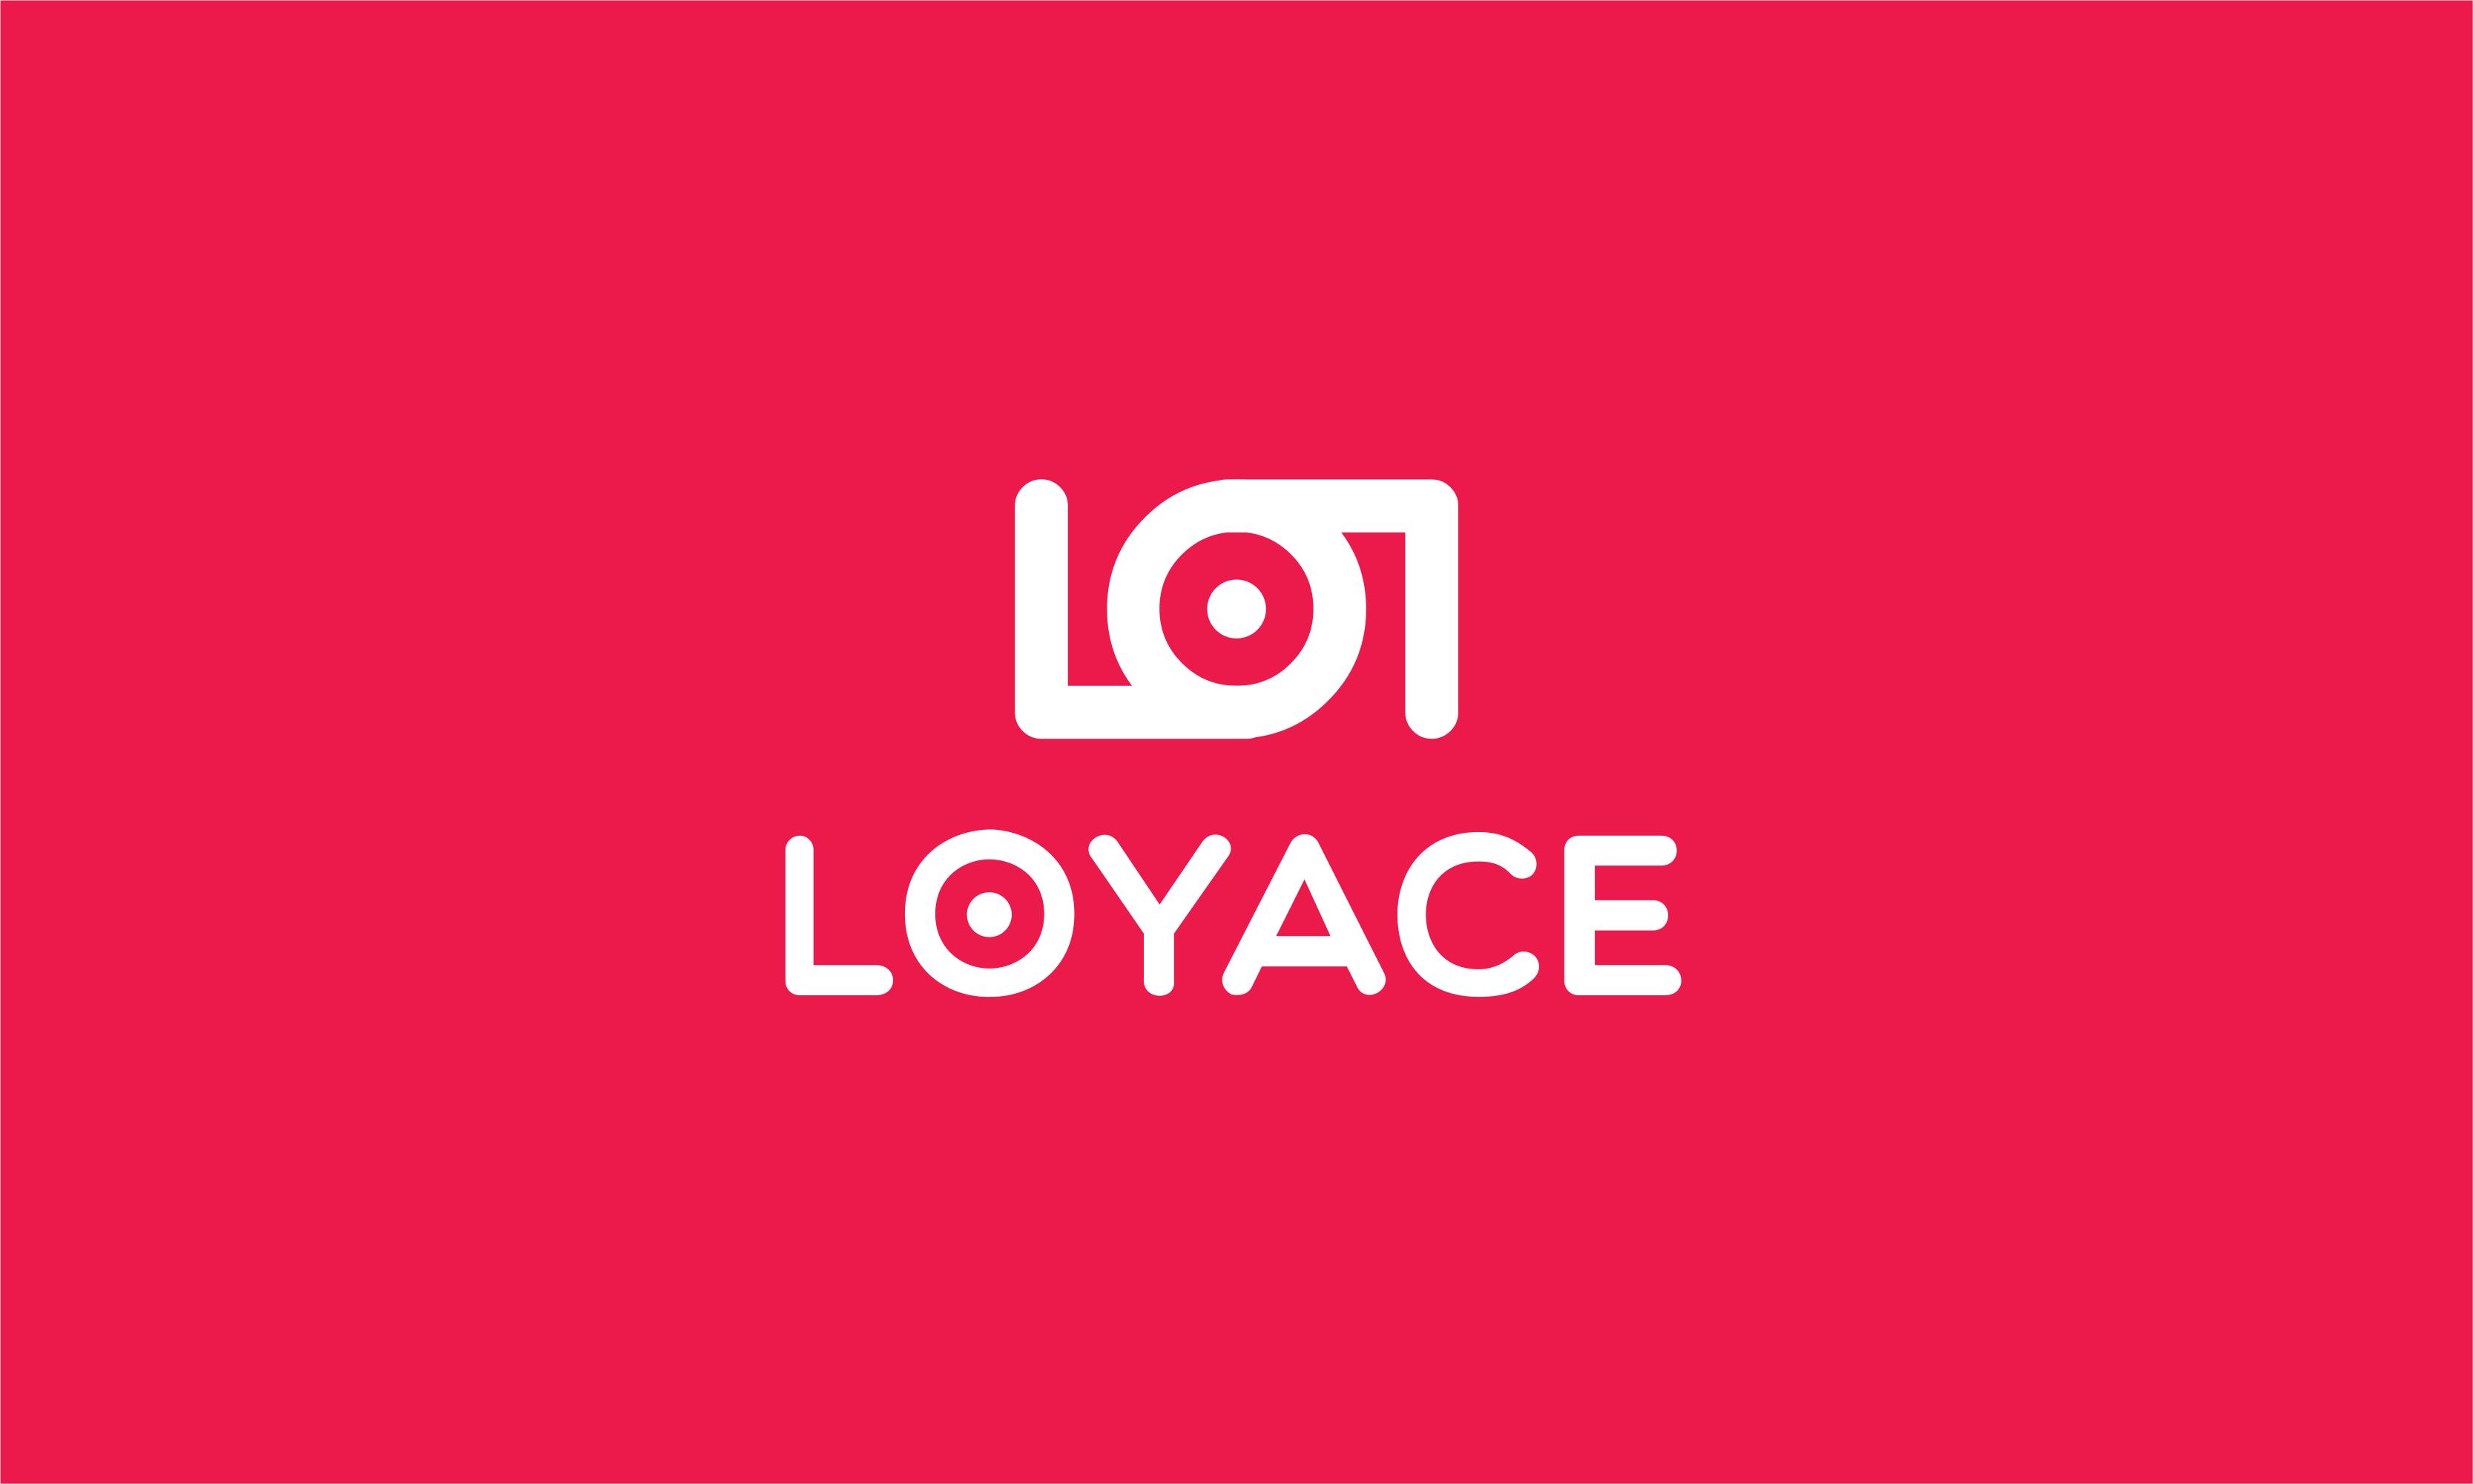 Loyace